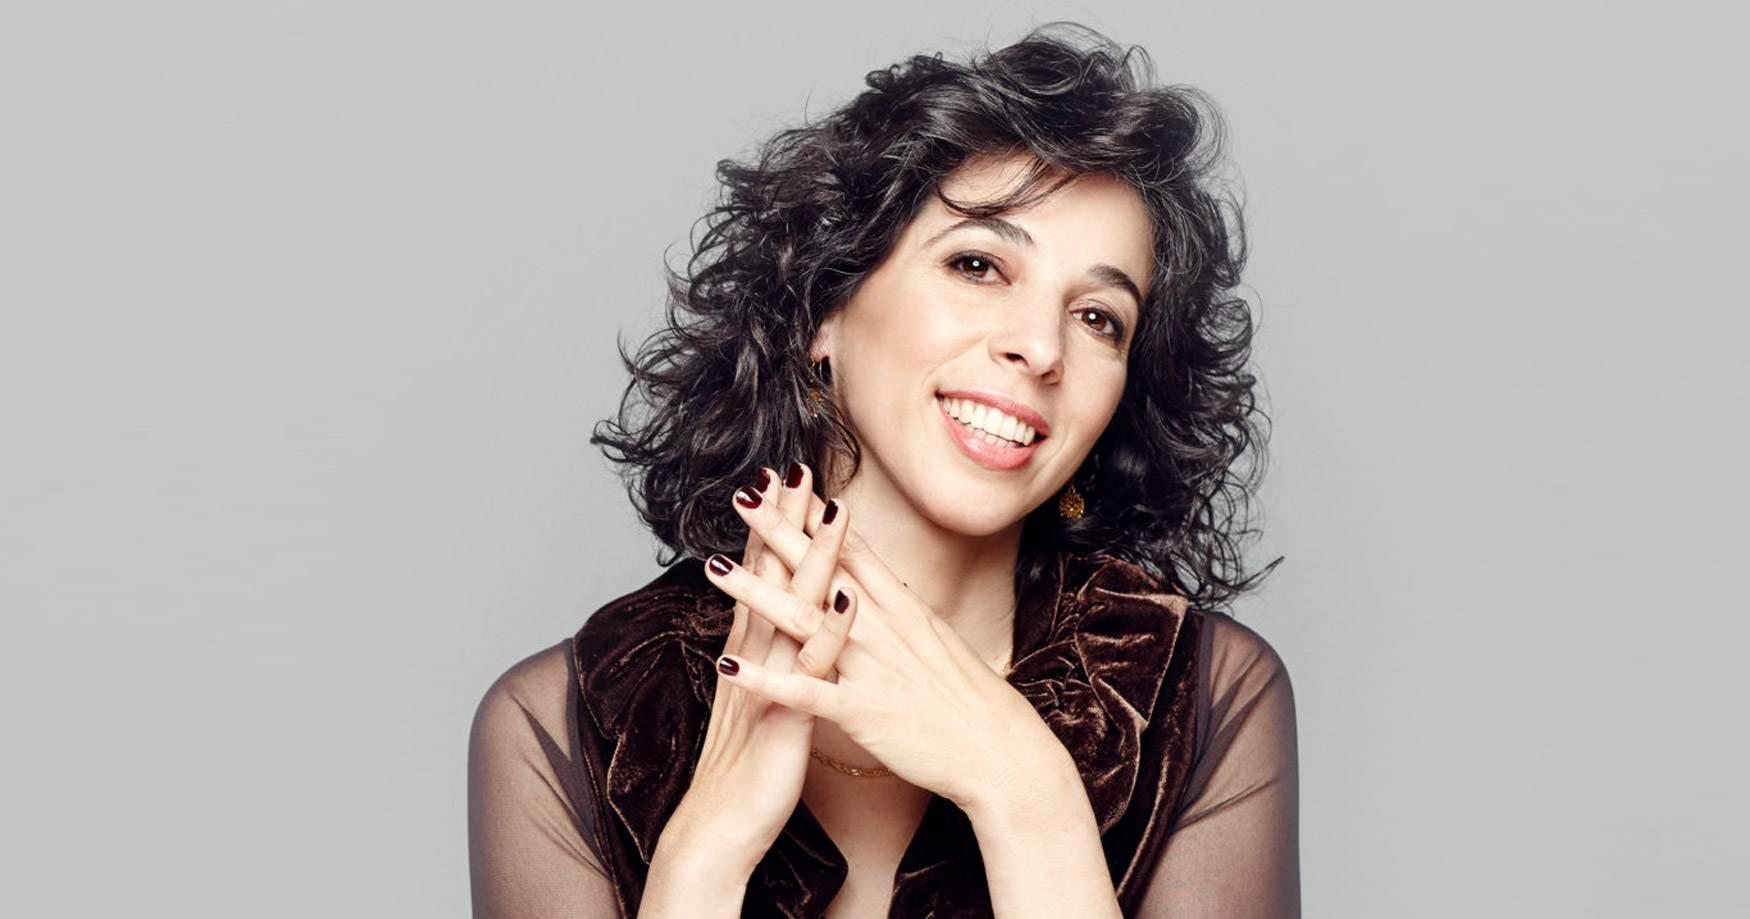 Ana Maria Ruimonte